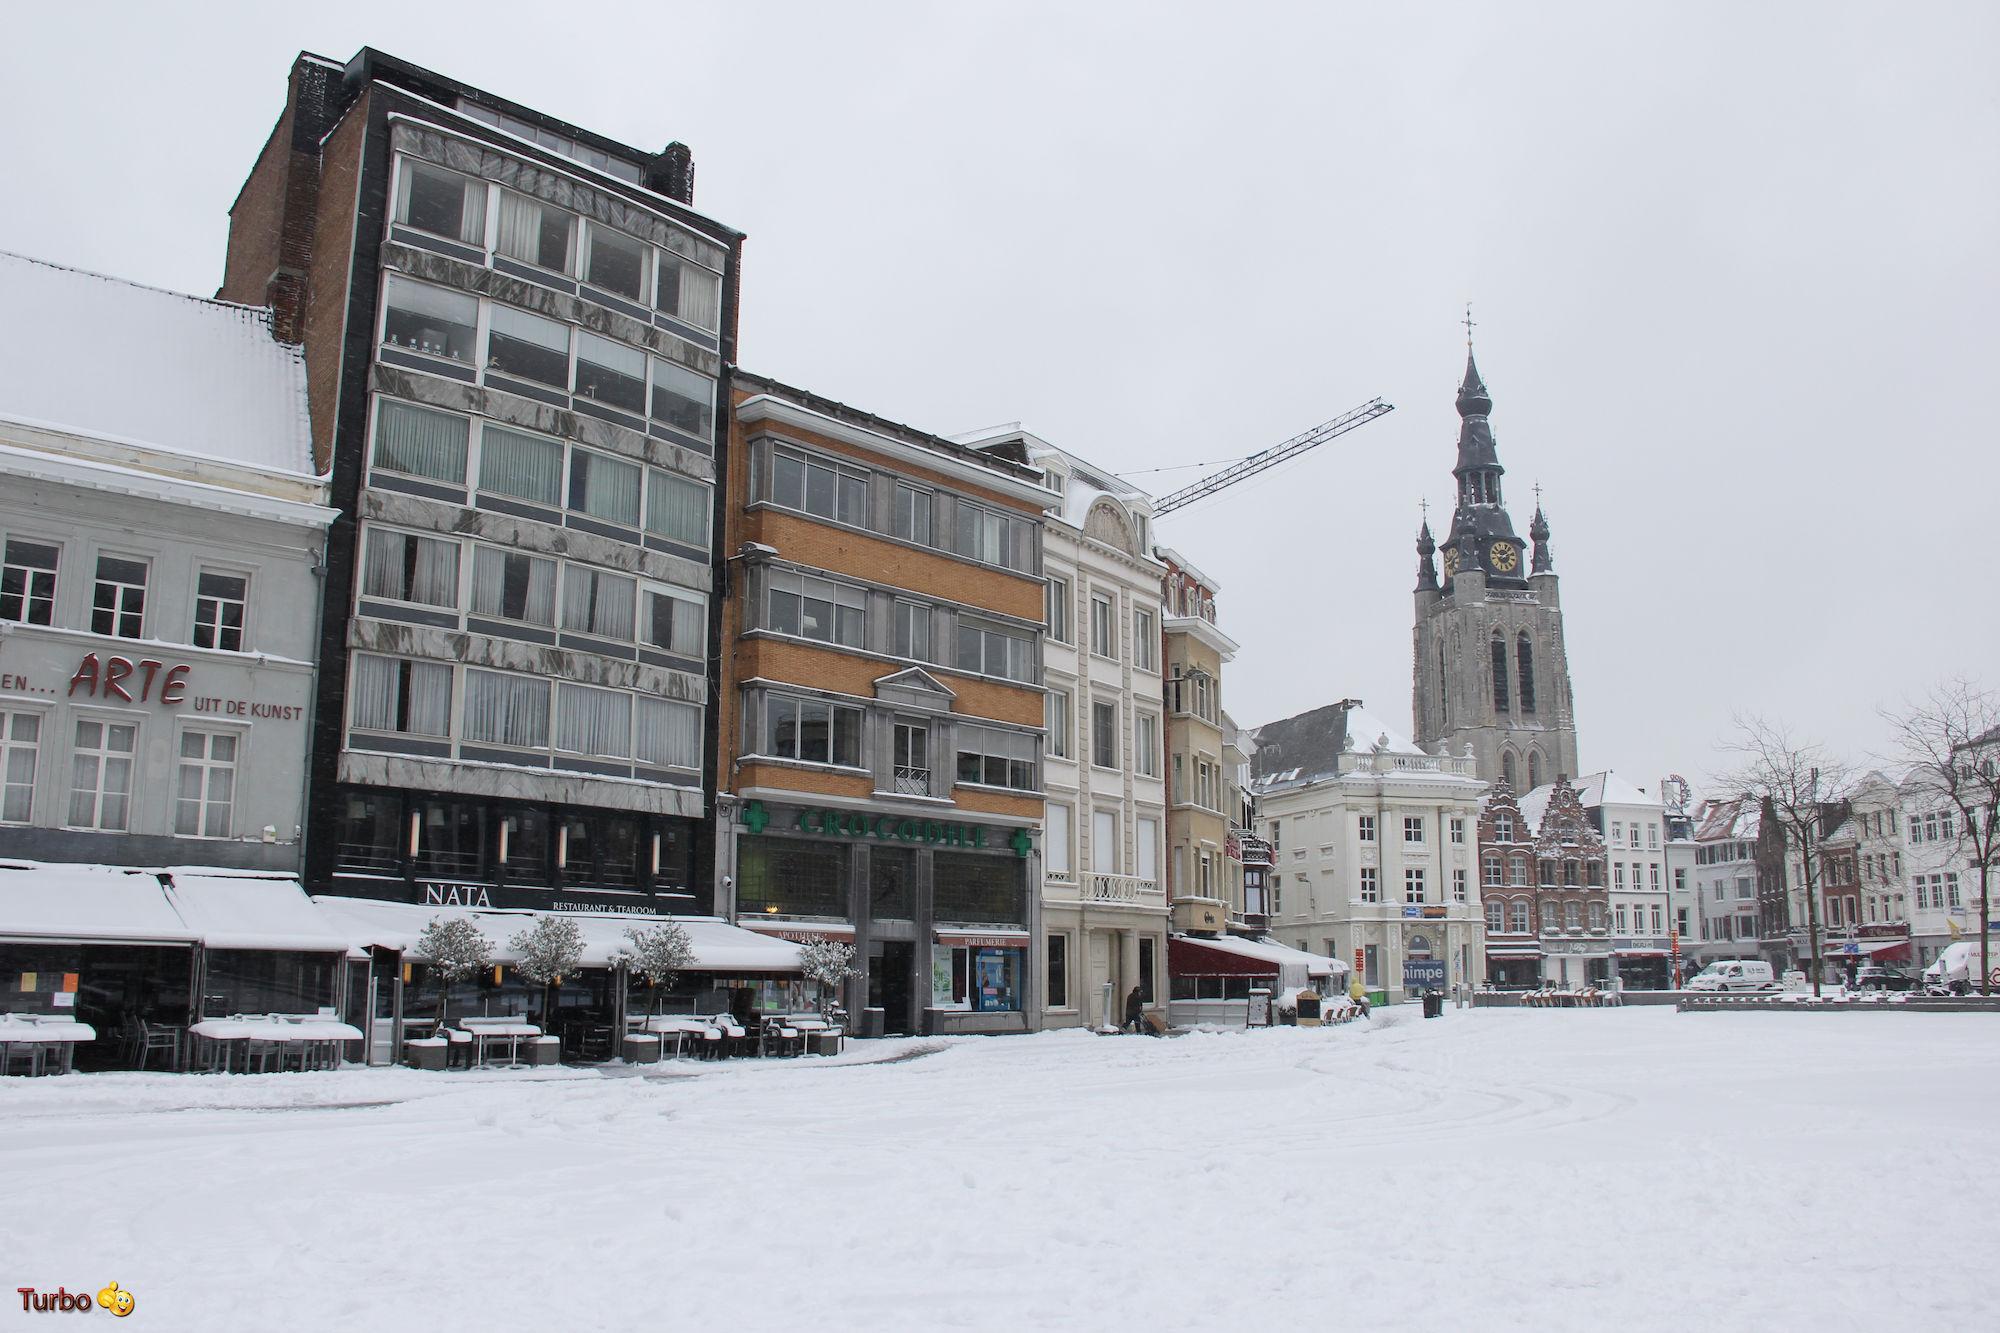 Grote Markt in sneeuw